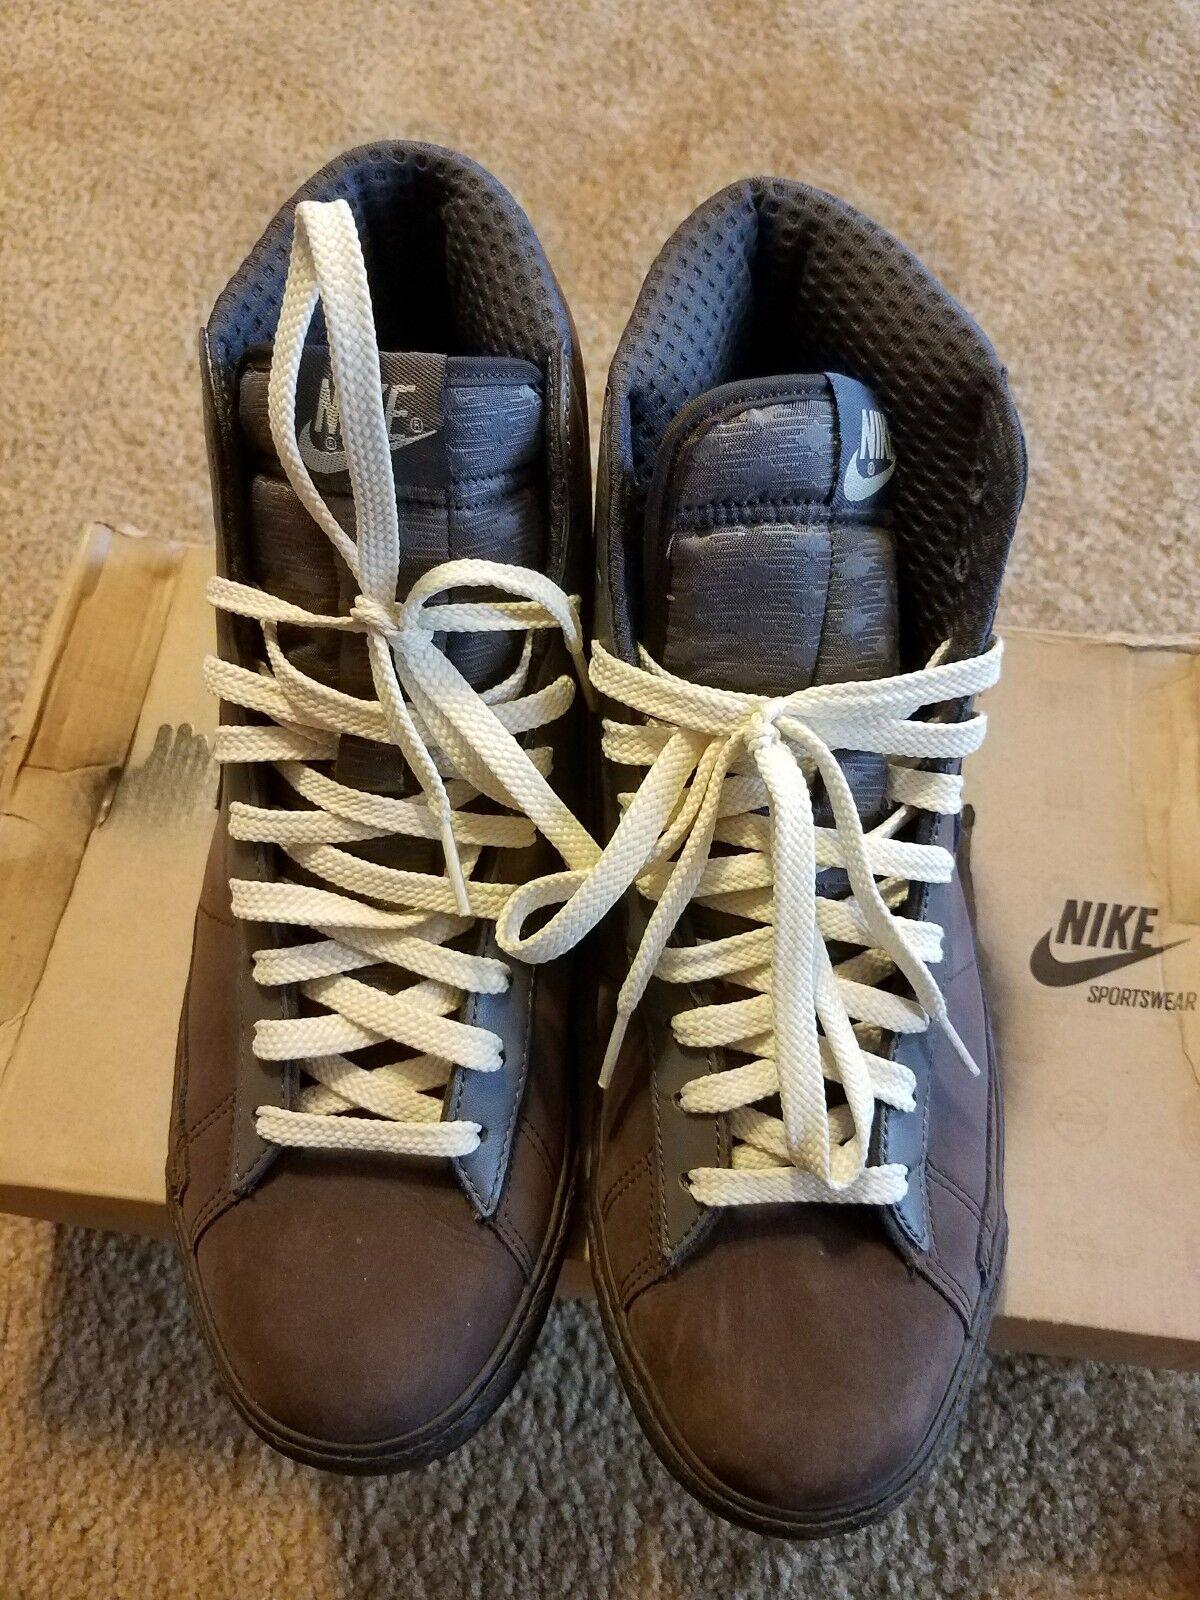 Nike Hi Premium Dark Cinder Midnight Fog albstr hombres SZ de 11 el mas popular de SZ zapatos para hombres y mujeres 235755